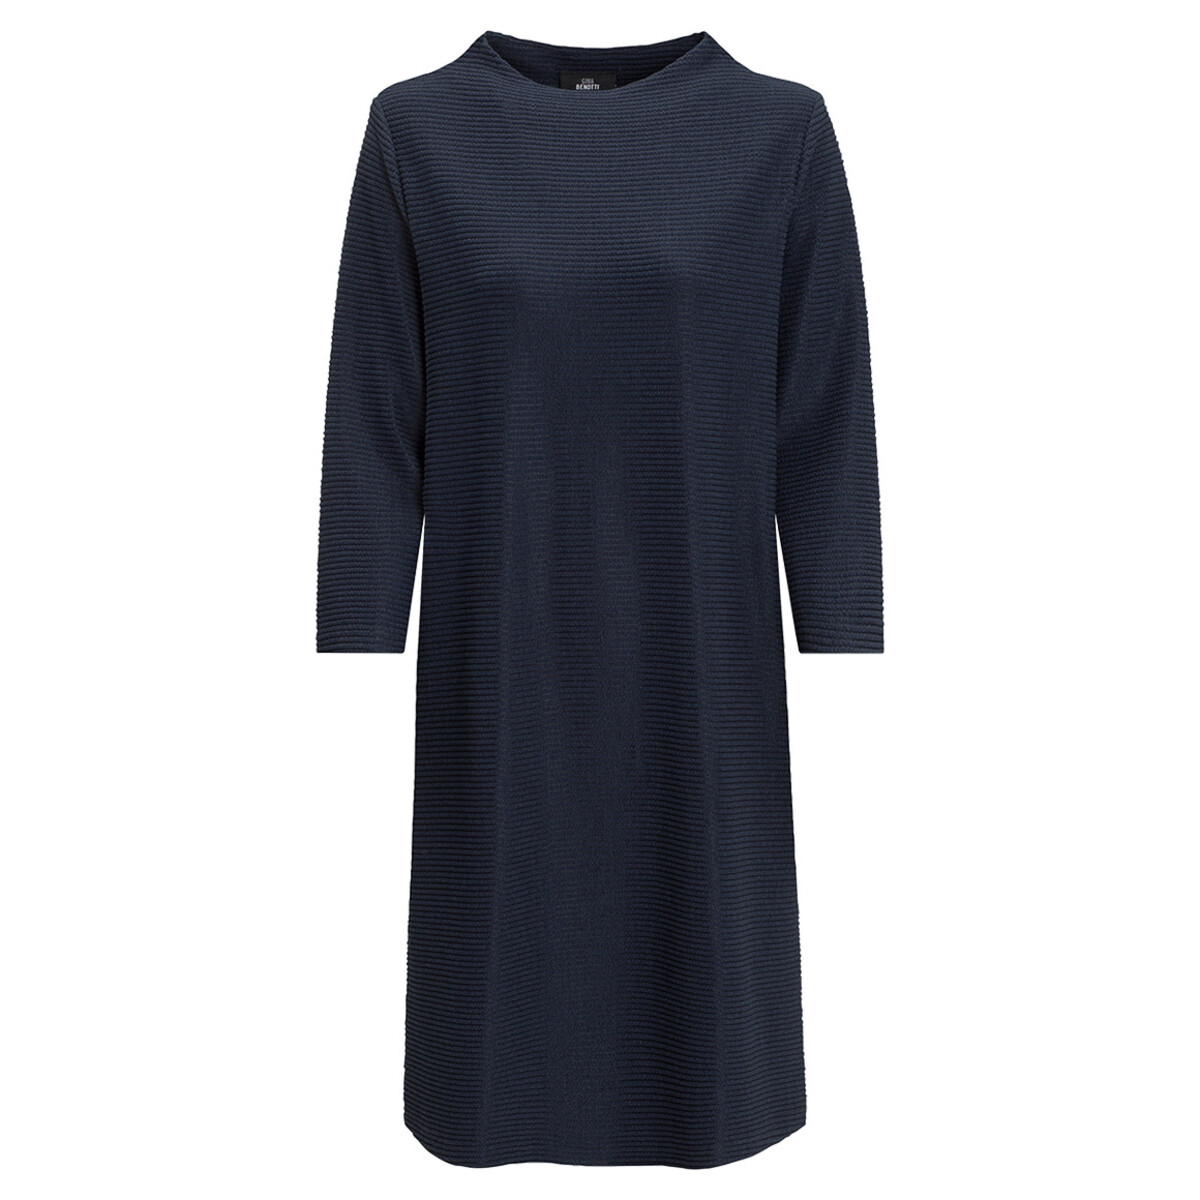 Bild 1 von Damen Kleid mit Querrippen